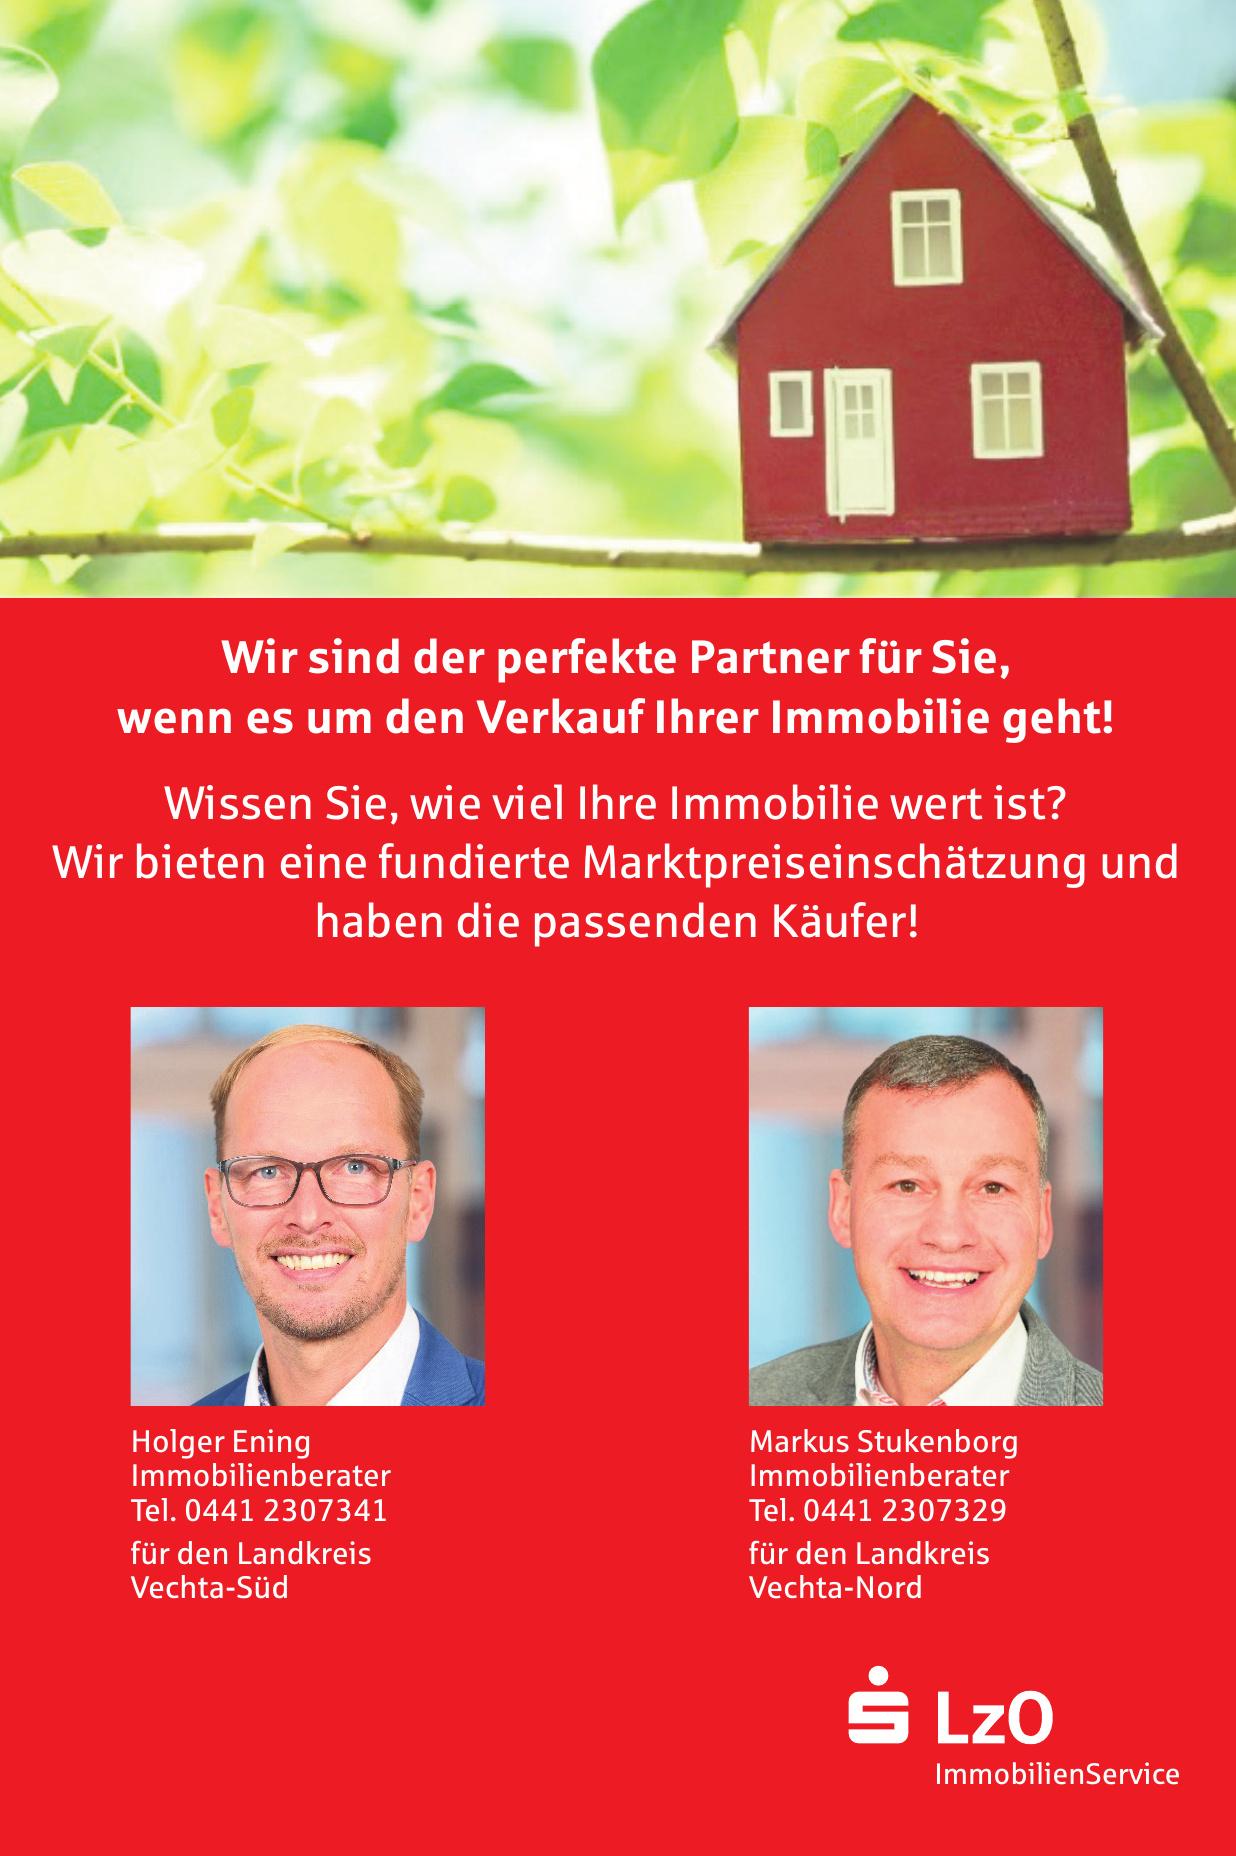 LzO ImmobilienService